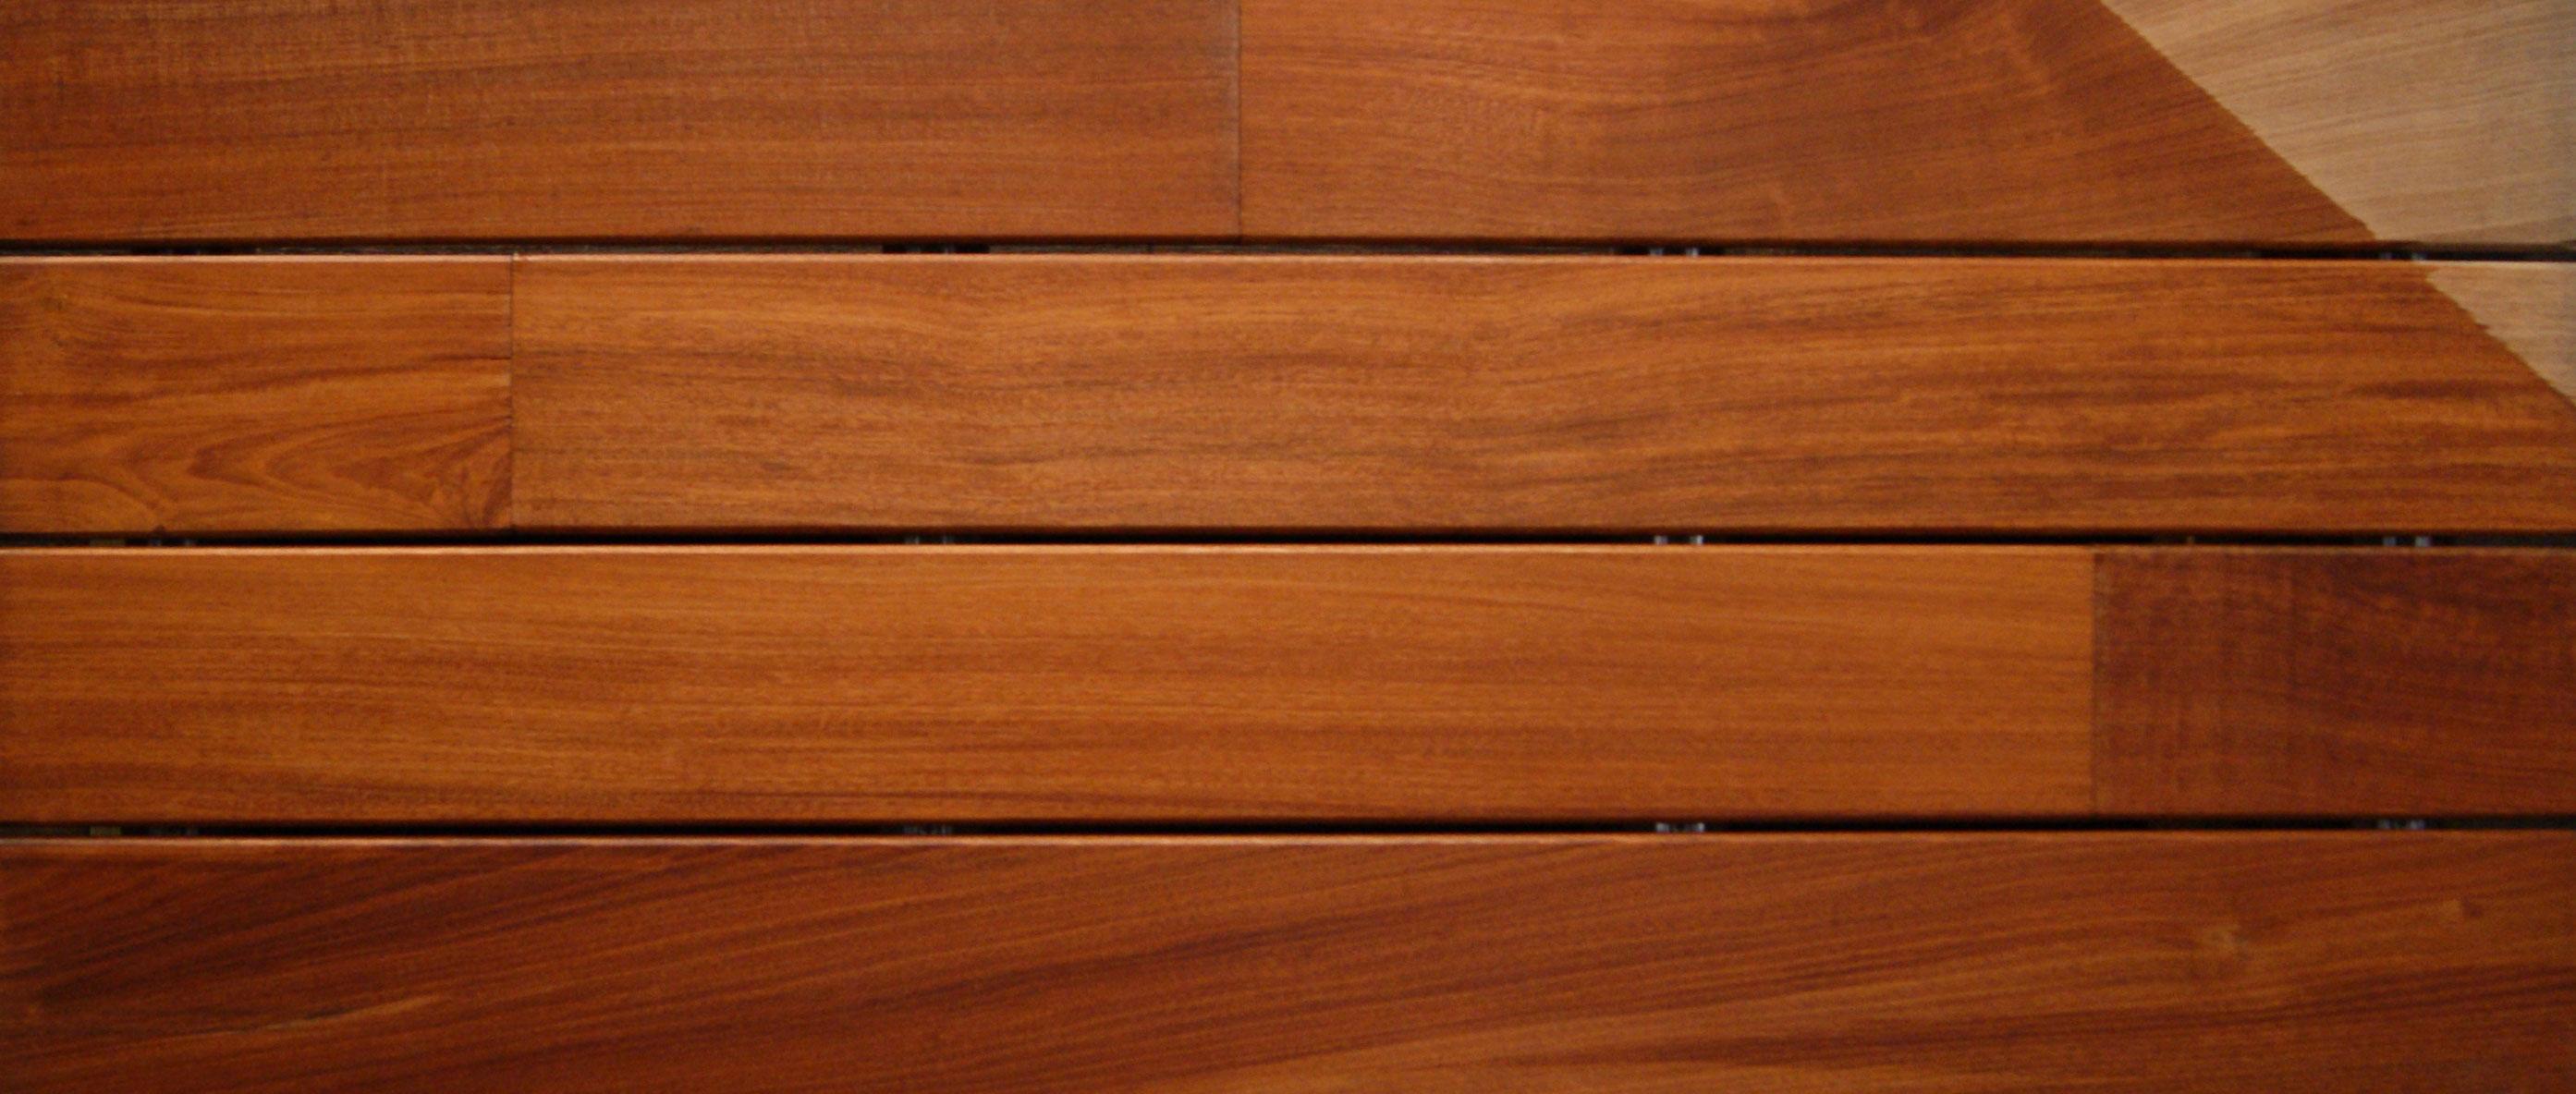 terrasses en bois ipe sans vis apparentes 108 ttc m plan te parquets terrasses en bois. Black Bedroom Furniture Sets. Home Design Ideas